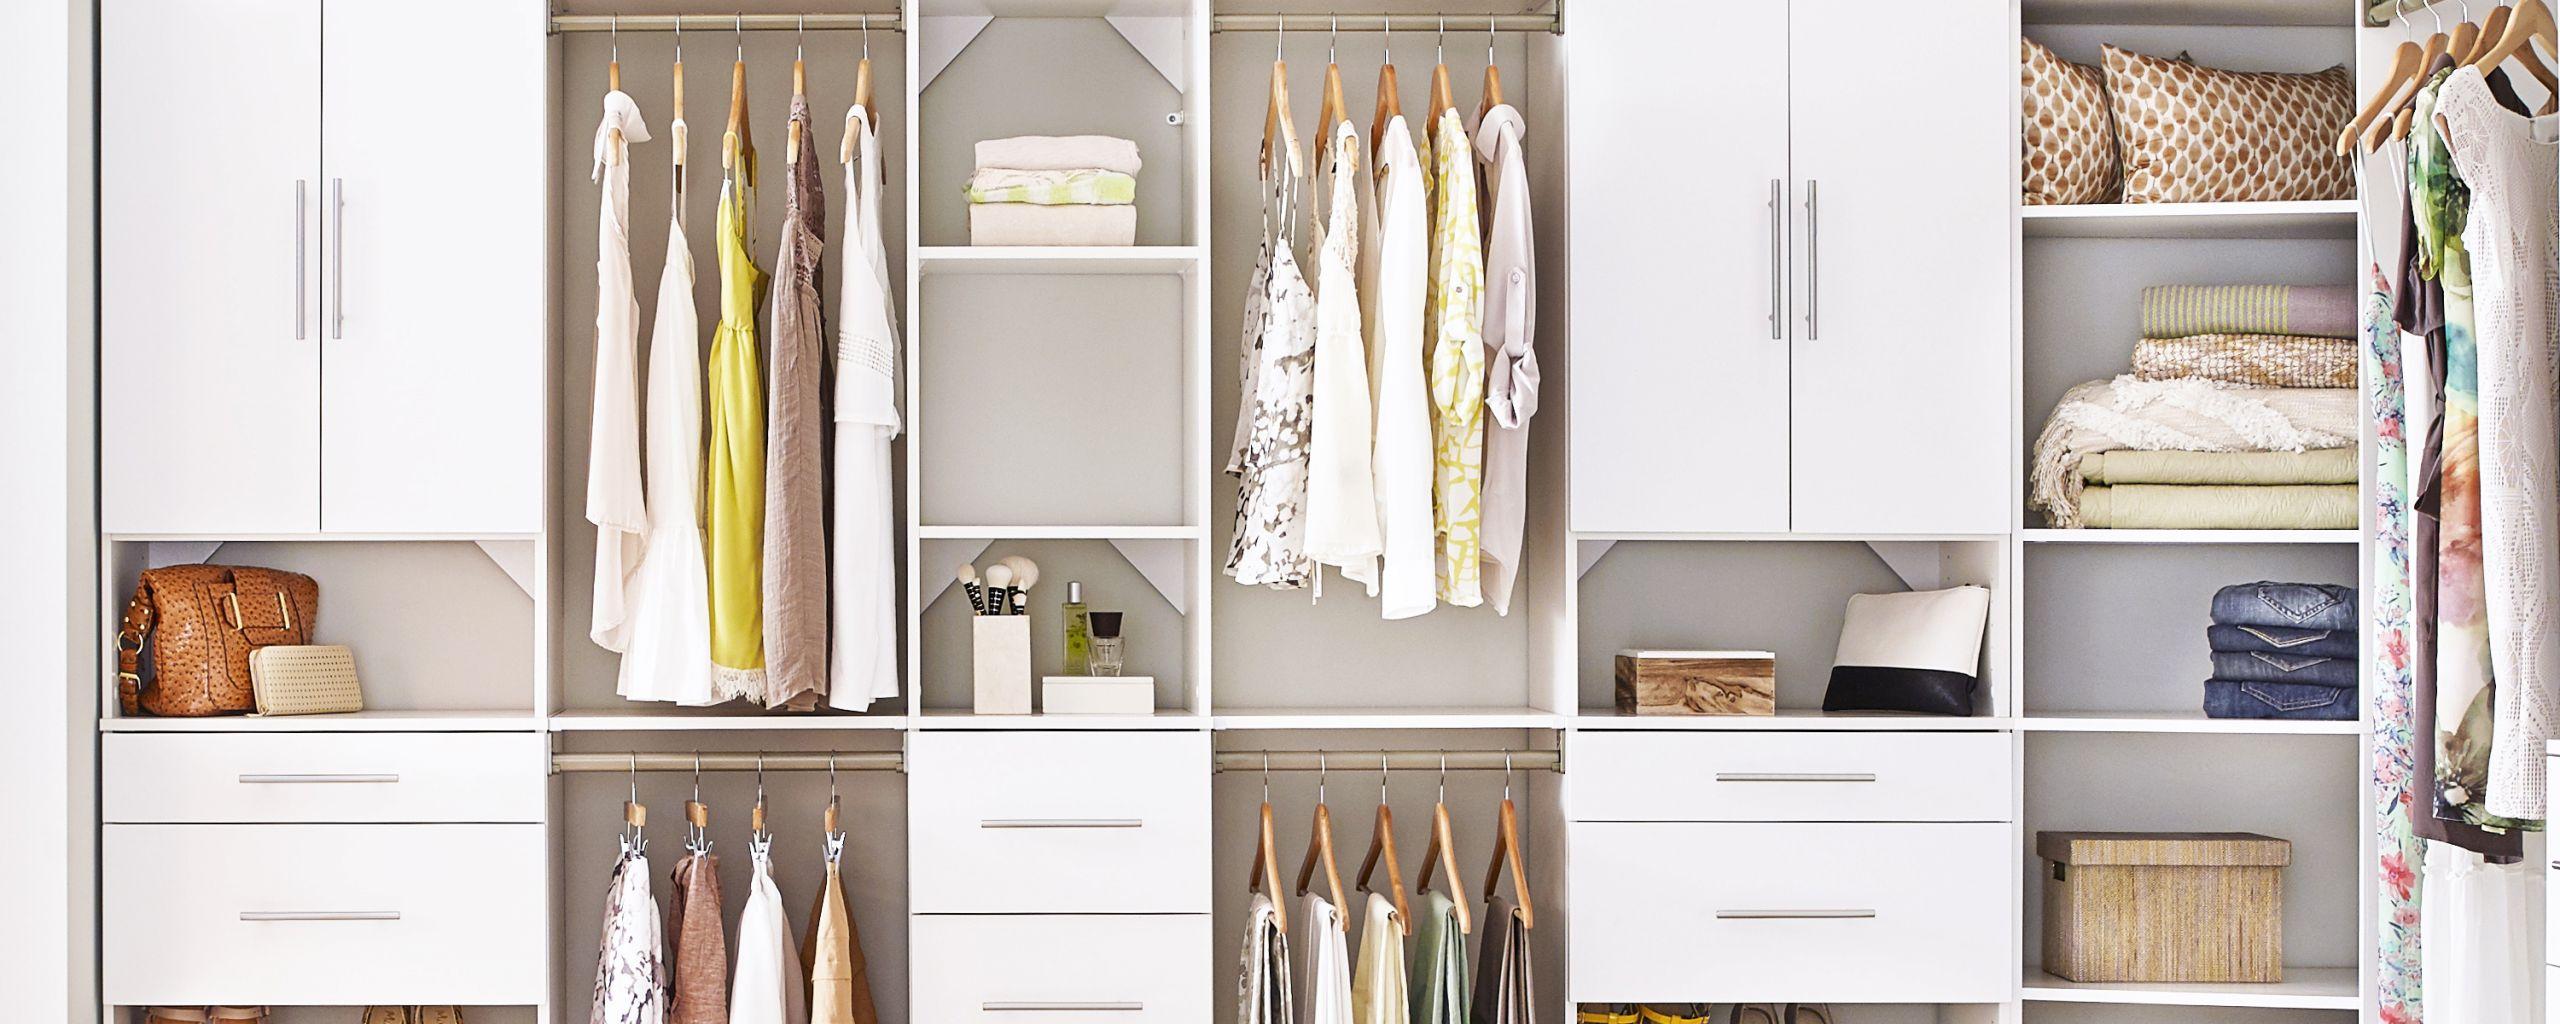 Amazon Kitchen Storage  Amazon ClosetMaid Pantry Organizer Kits